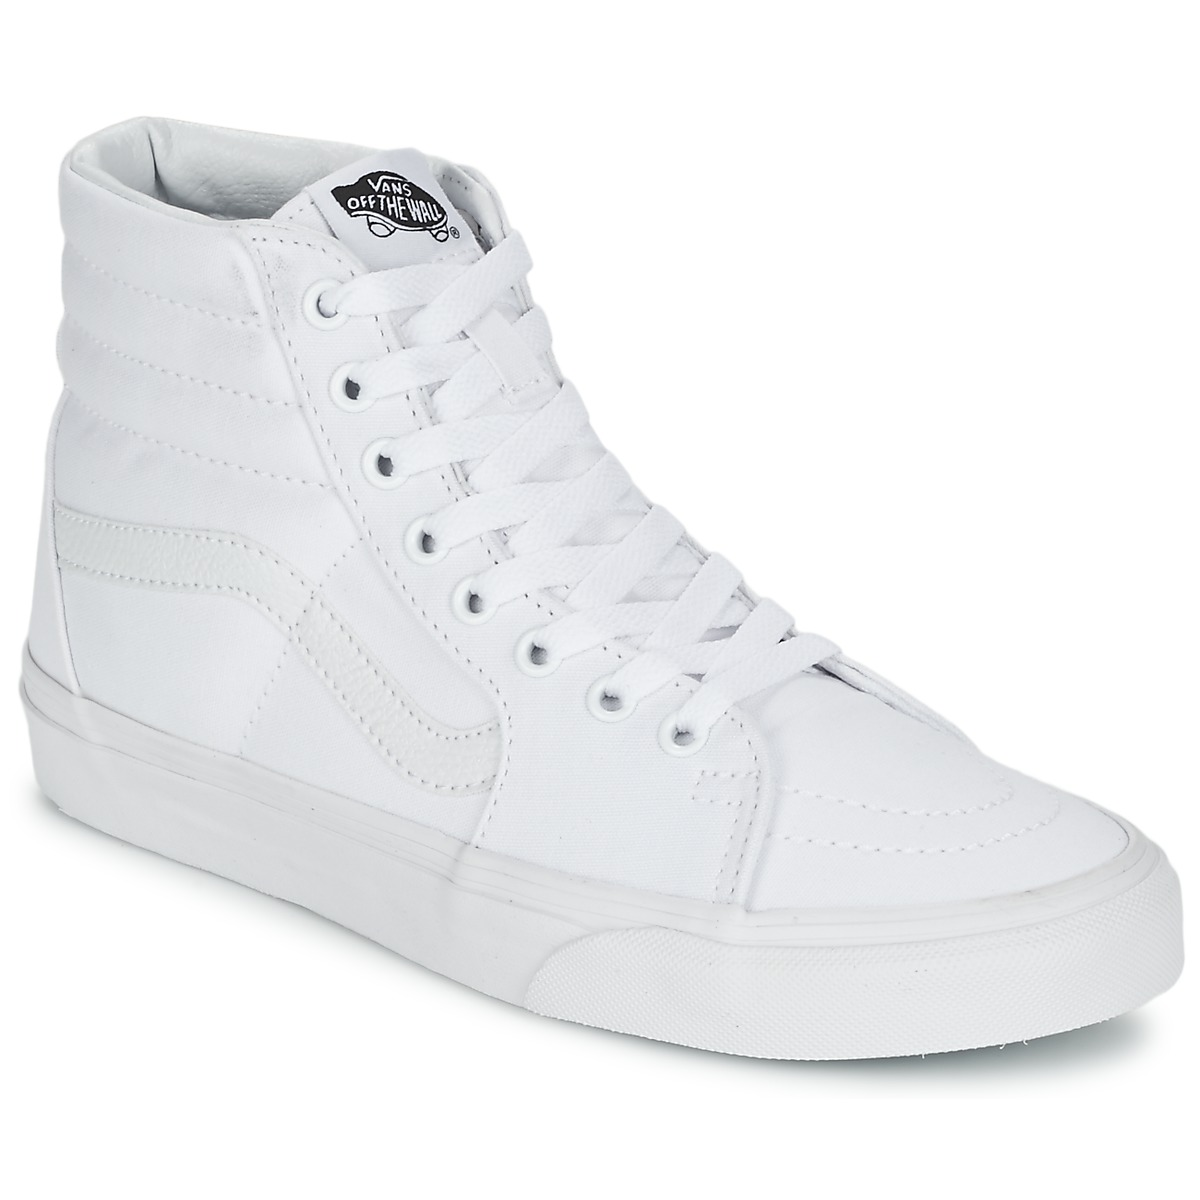 vans sk8 hi blanc chaussure pas cher avec chaussures basket montante 79 99. Black Bedroom Furniture Sets. Home Design Ideas